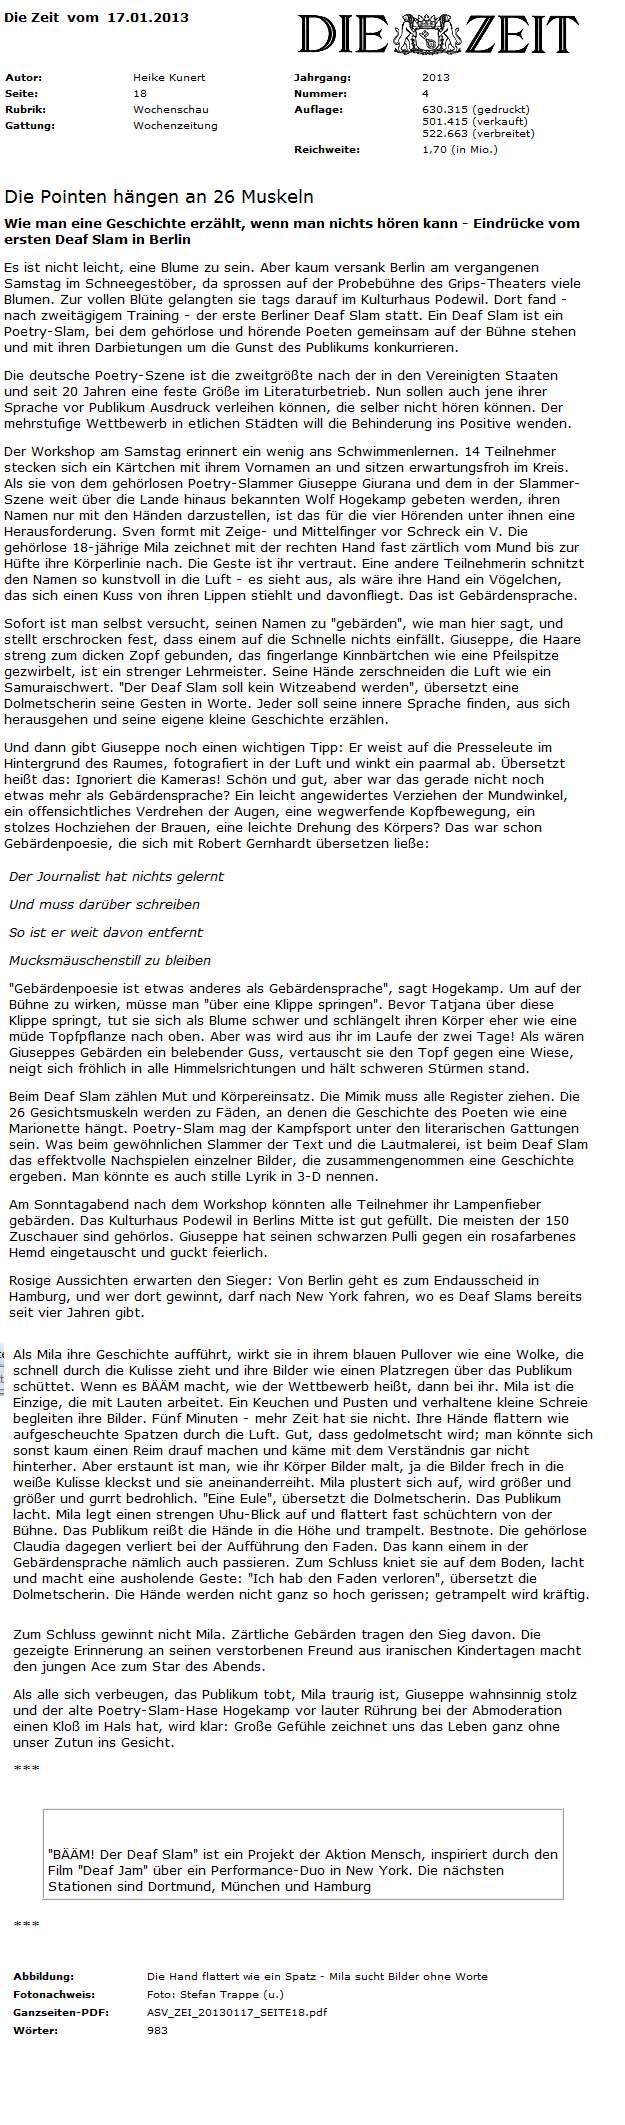 CLI_Die Zeit_170113 Kopie